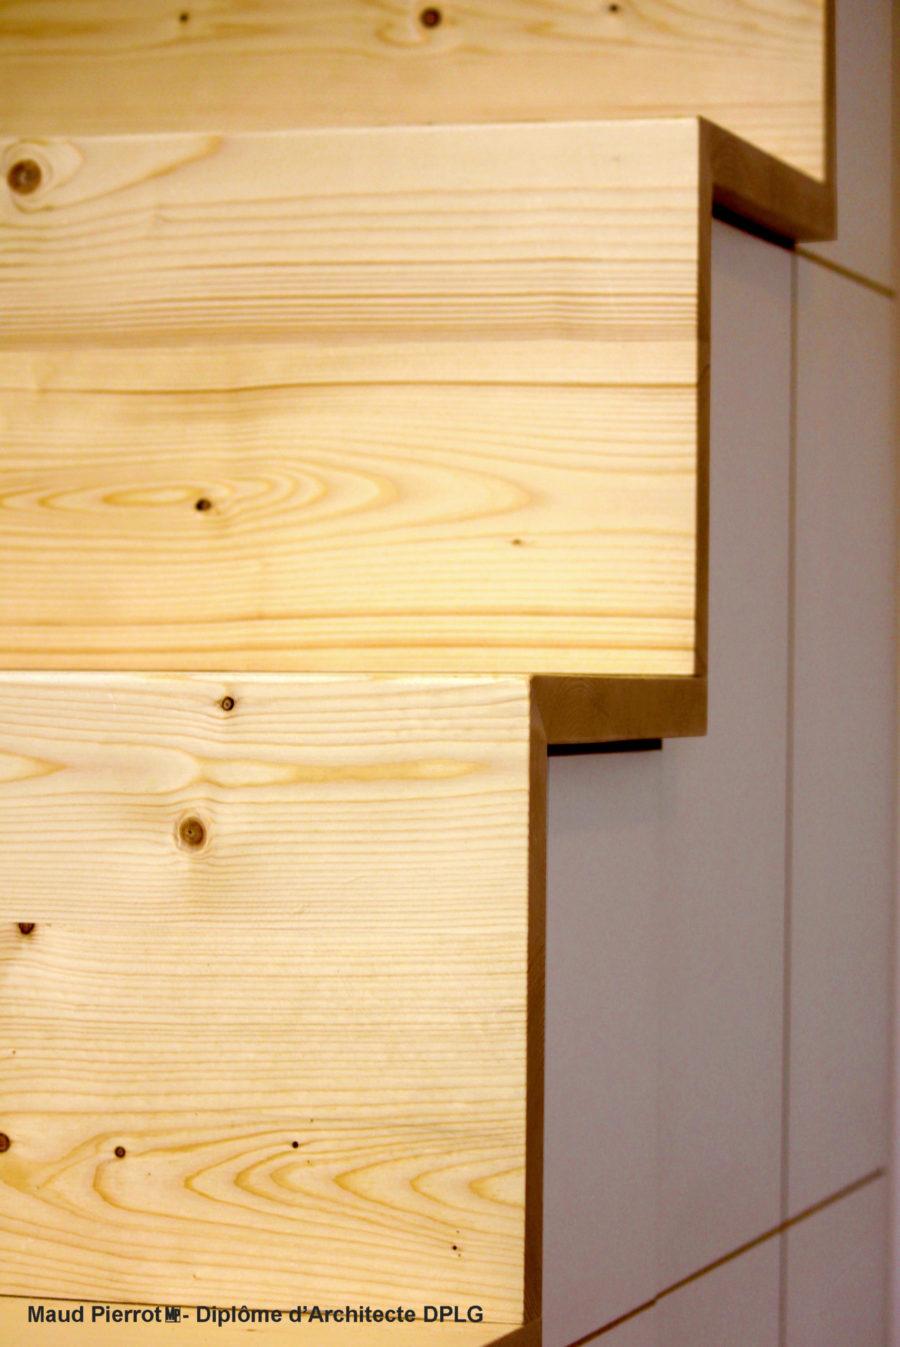 meuble sous escalier sur mesure et mezzanine chambre d'enfant Maud Pierrot Architecte intérieur